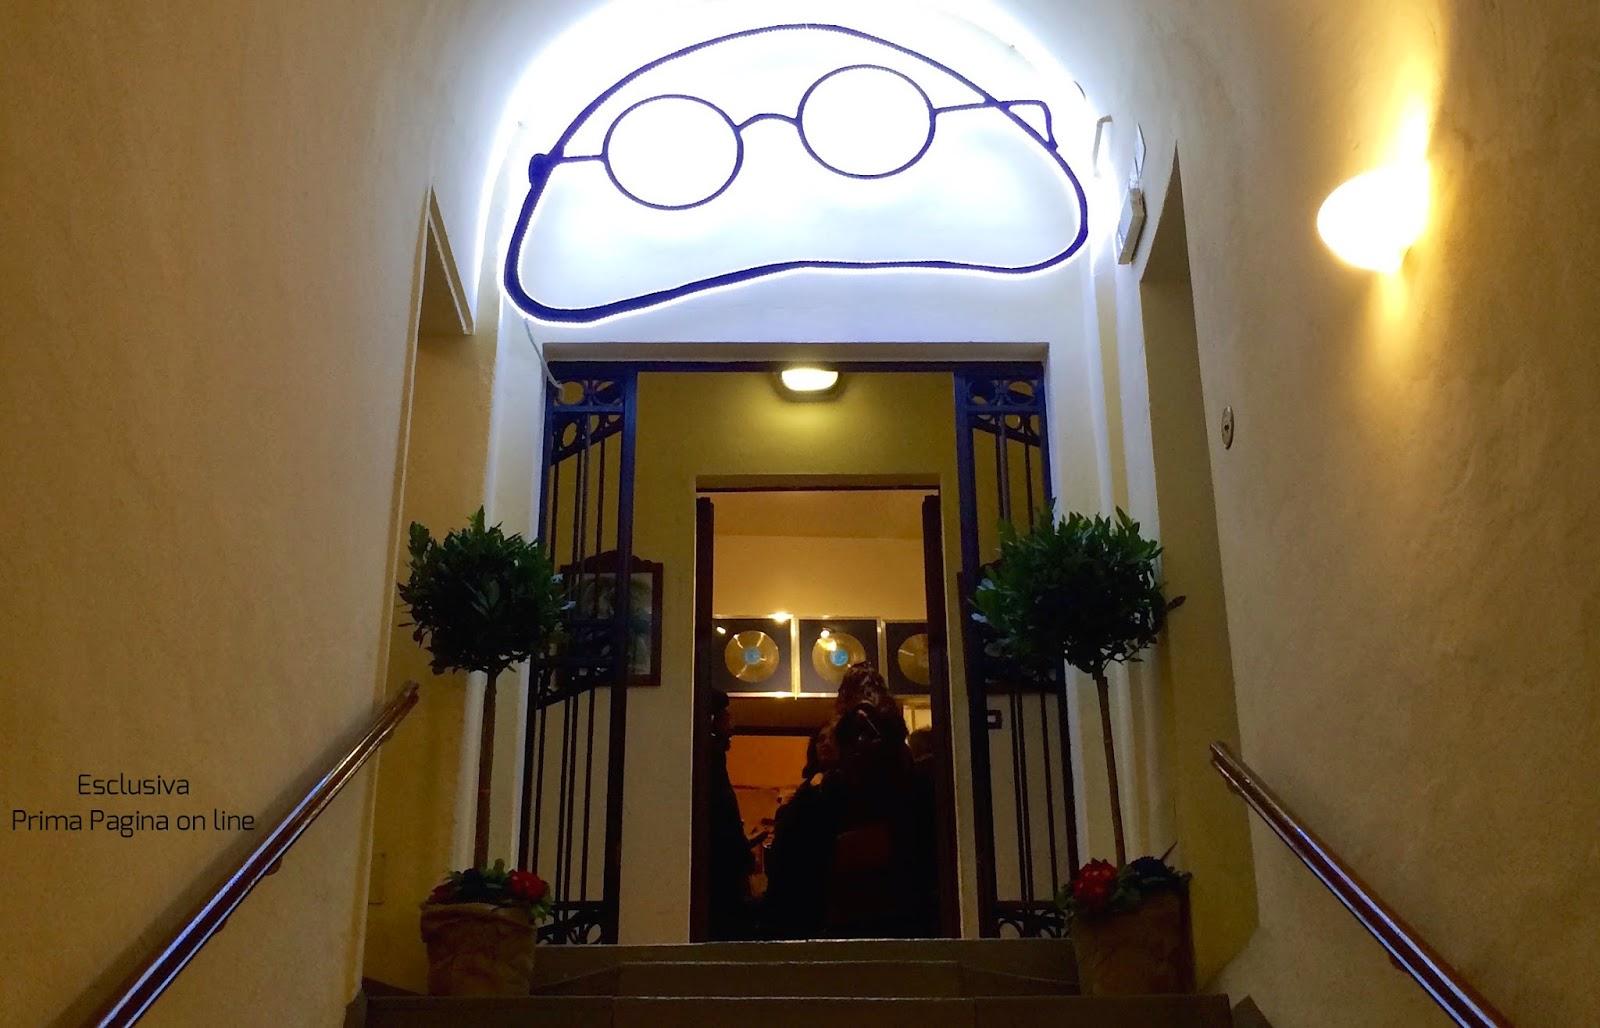 Vi portiamo a casa di lucio dalla prima pagina on line for Le stanze di sara bologna